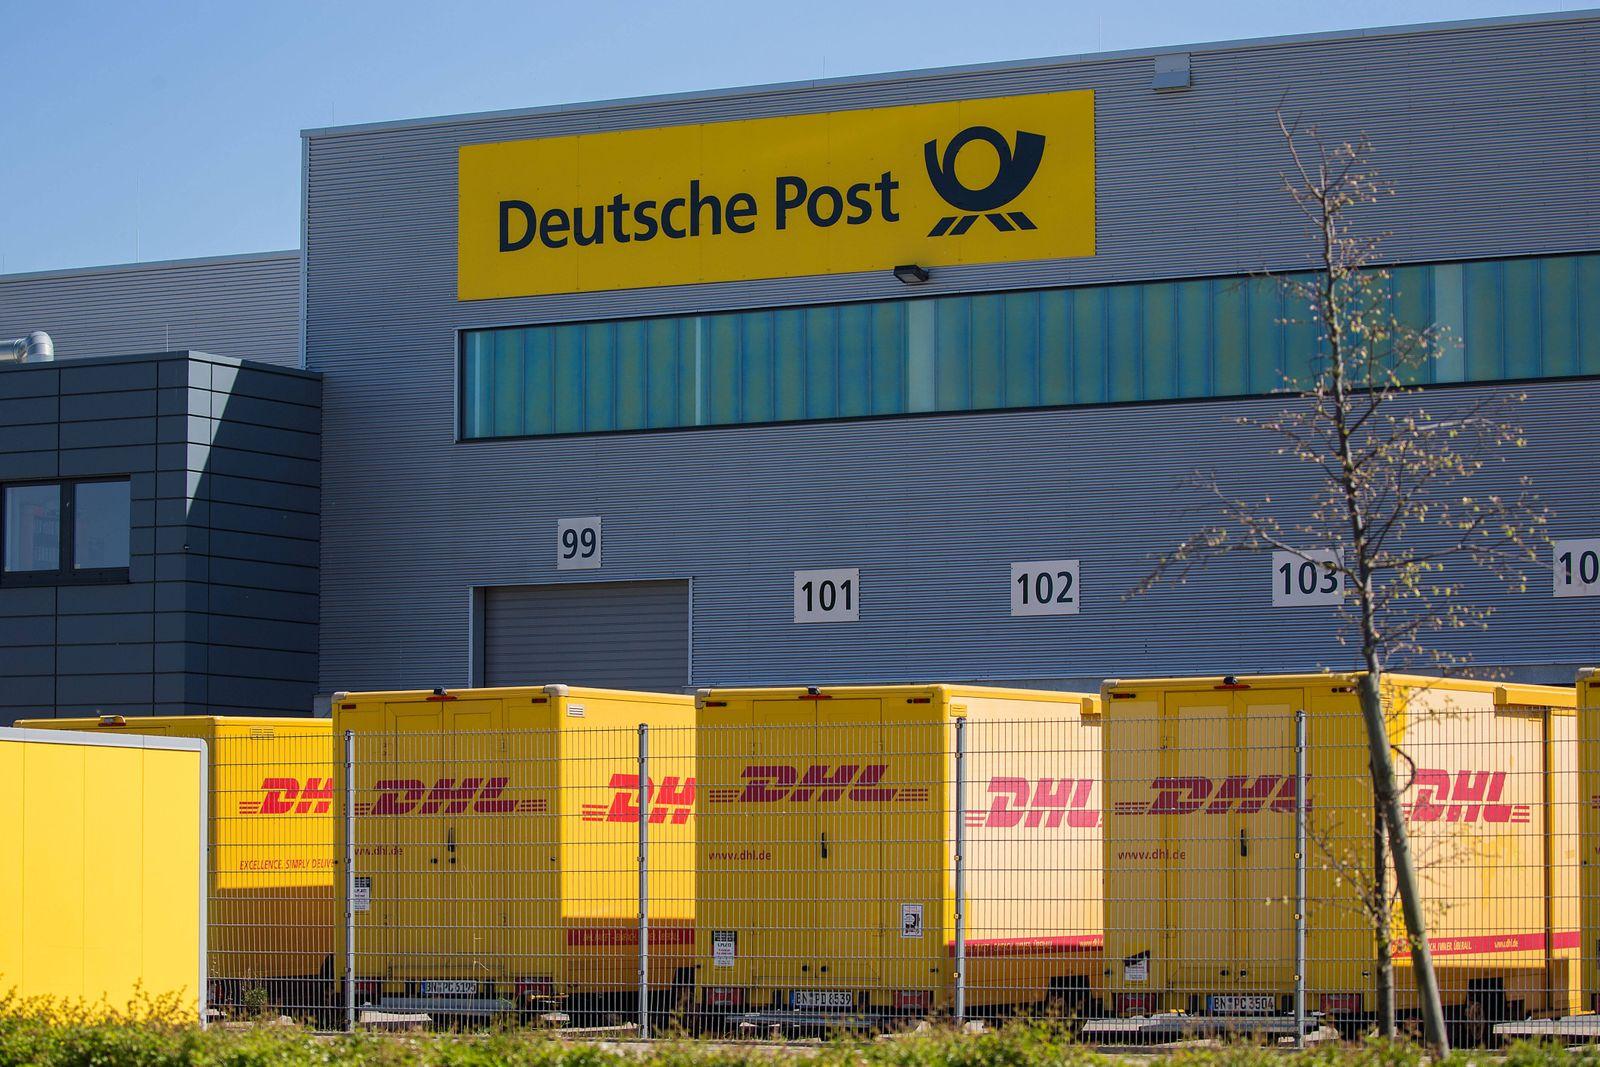 Osnabrueck, Deutschland 19.04.2020: Symbolbilder - 2020 Deutsche Post, DHL, Schriftzug, Logo, Schriftzug, Schild, Featur